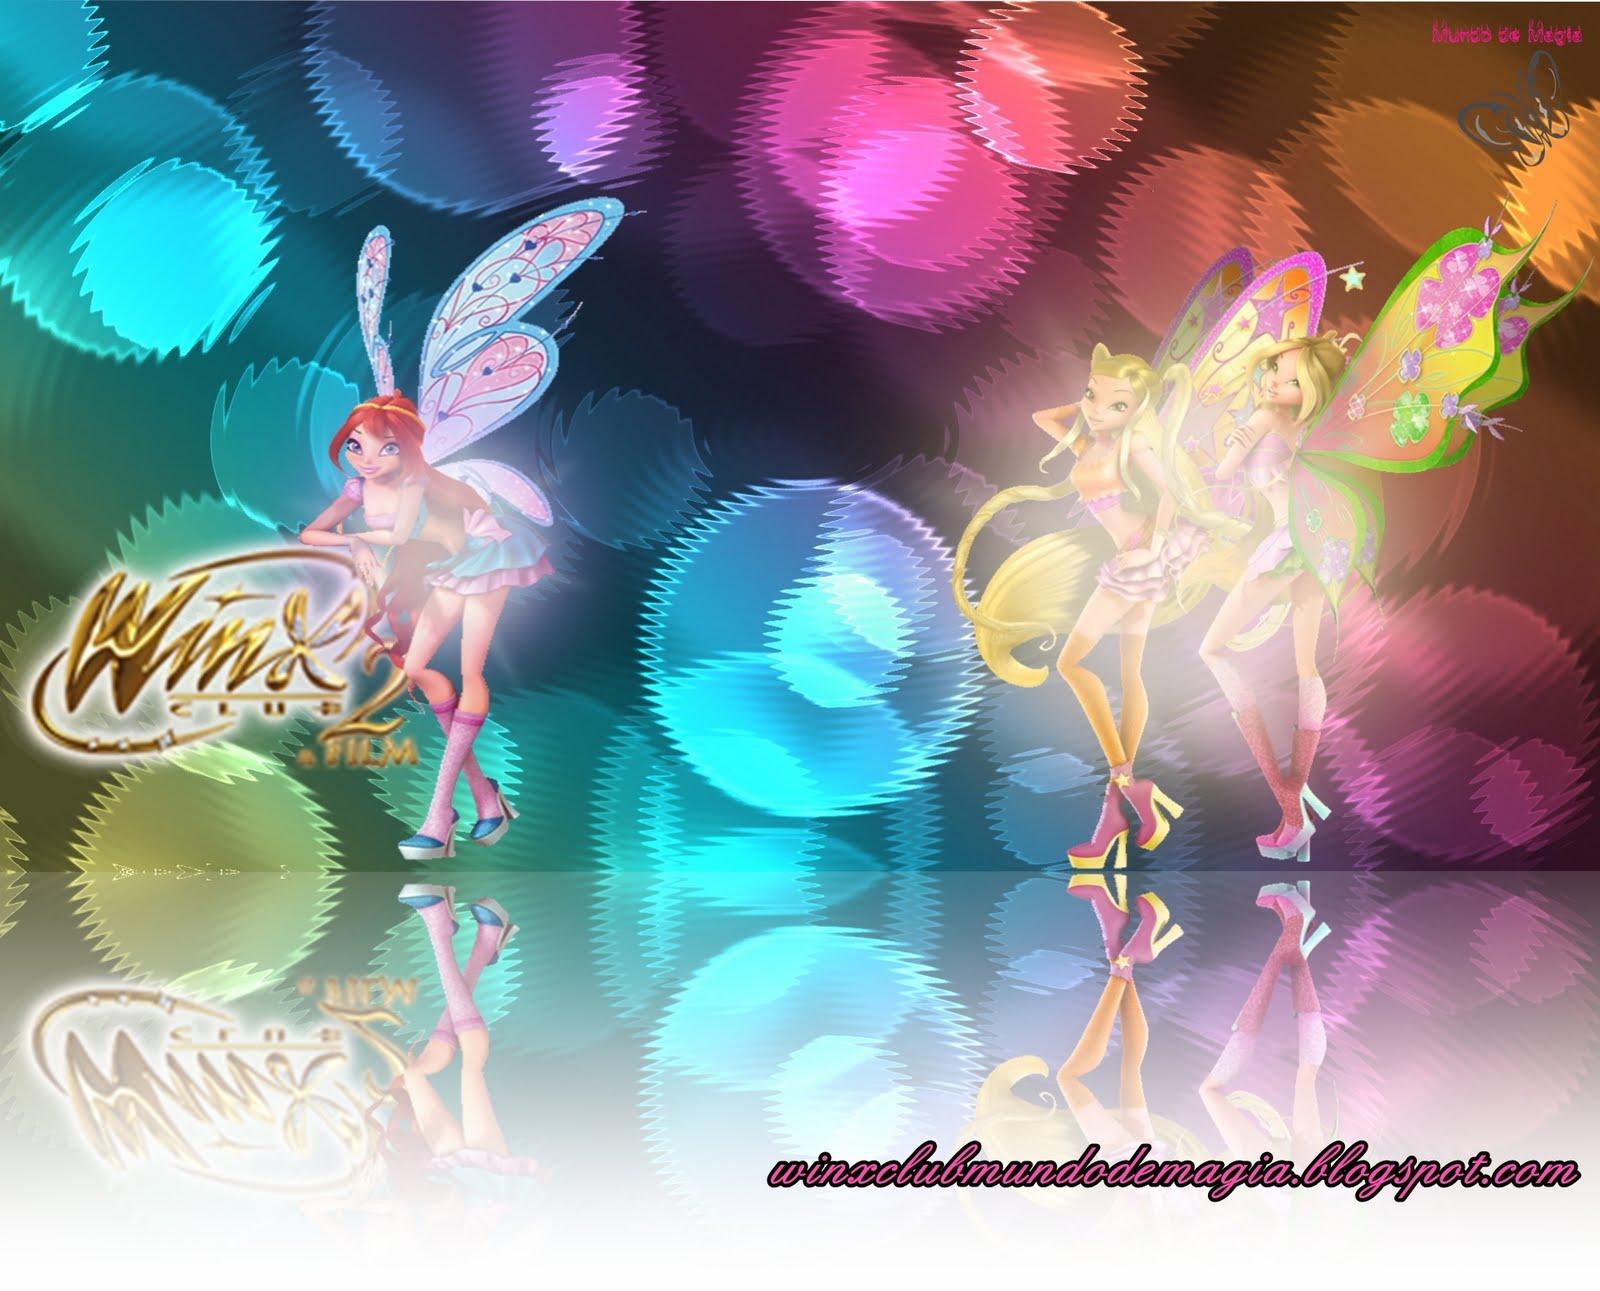 http://2.bp.blogspot.com/_tK96se1GA2M/TC-J-dwTjwI/AAAAAAAABIY/aTRqCKwboqg/s1600/wallpaper+the+film+2.jpg